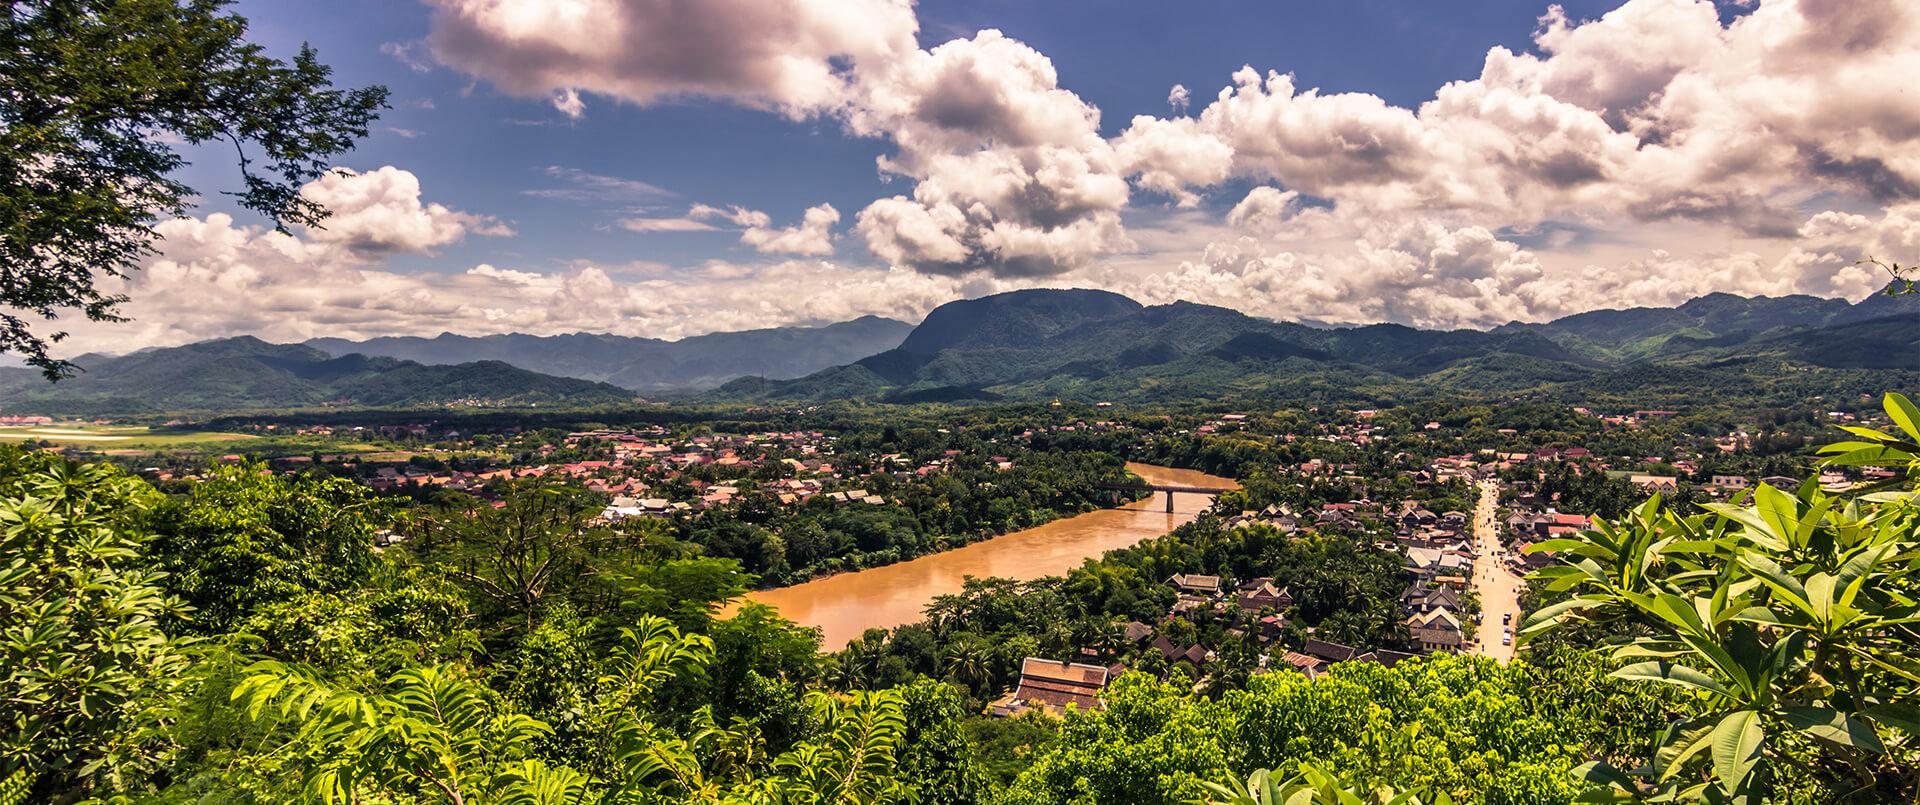 Cambodia and Laos Adventure